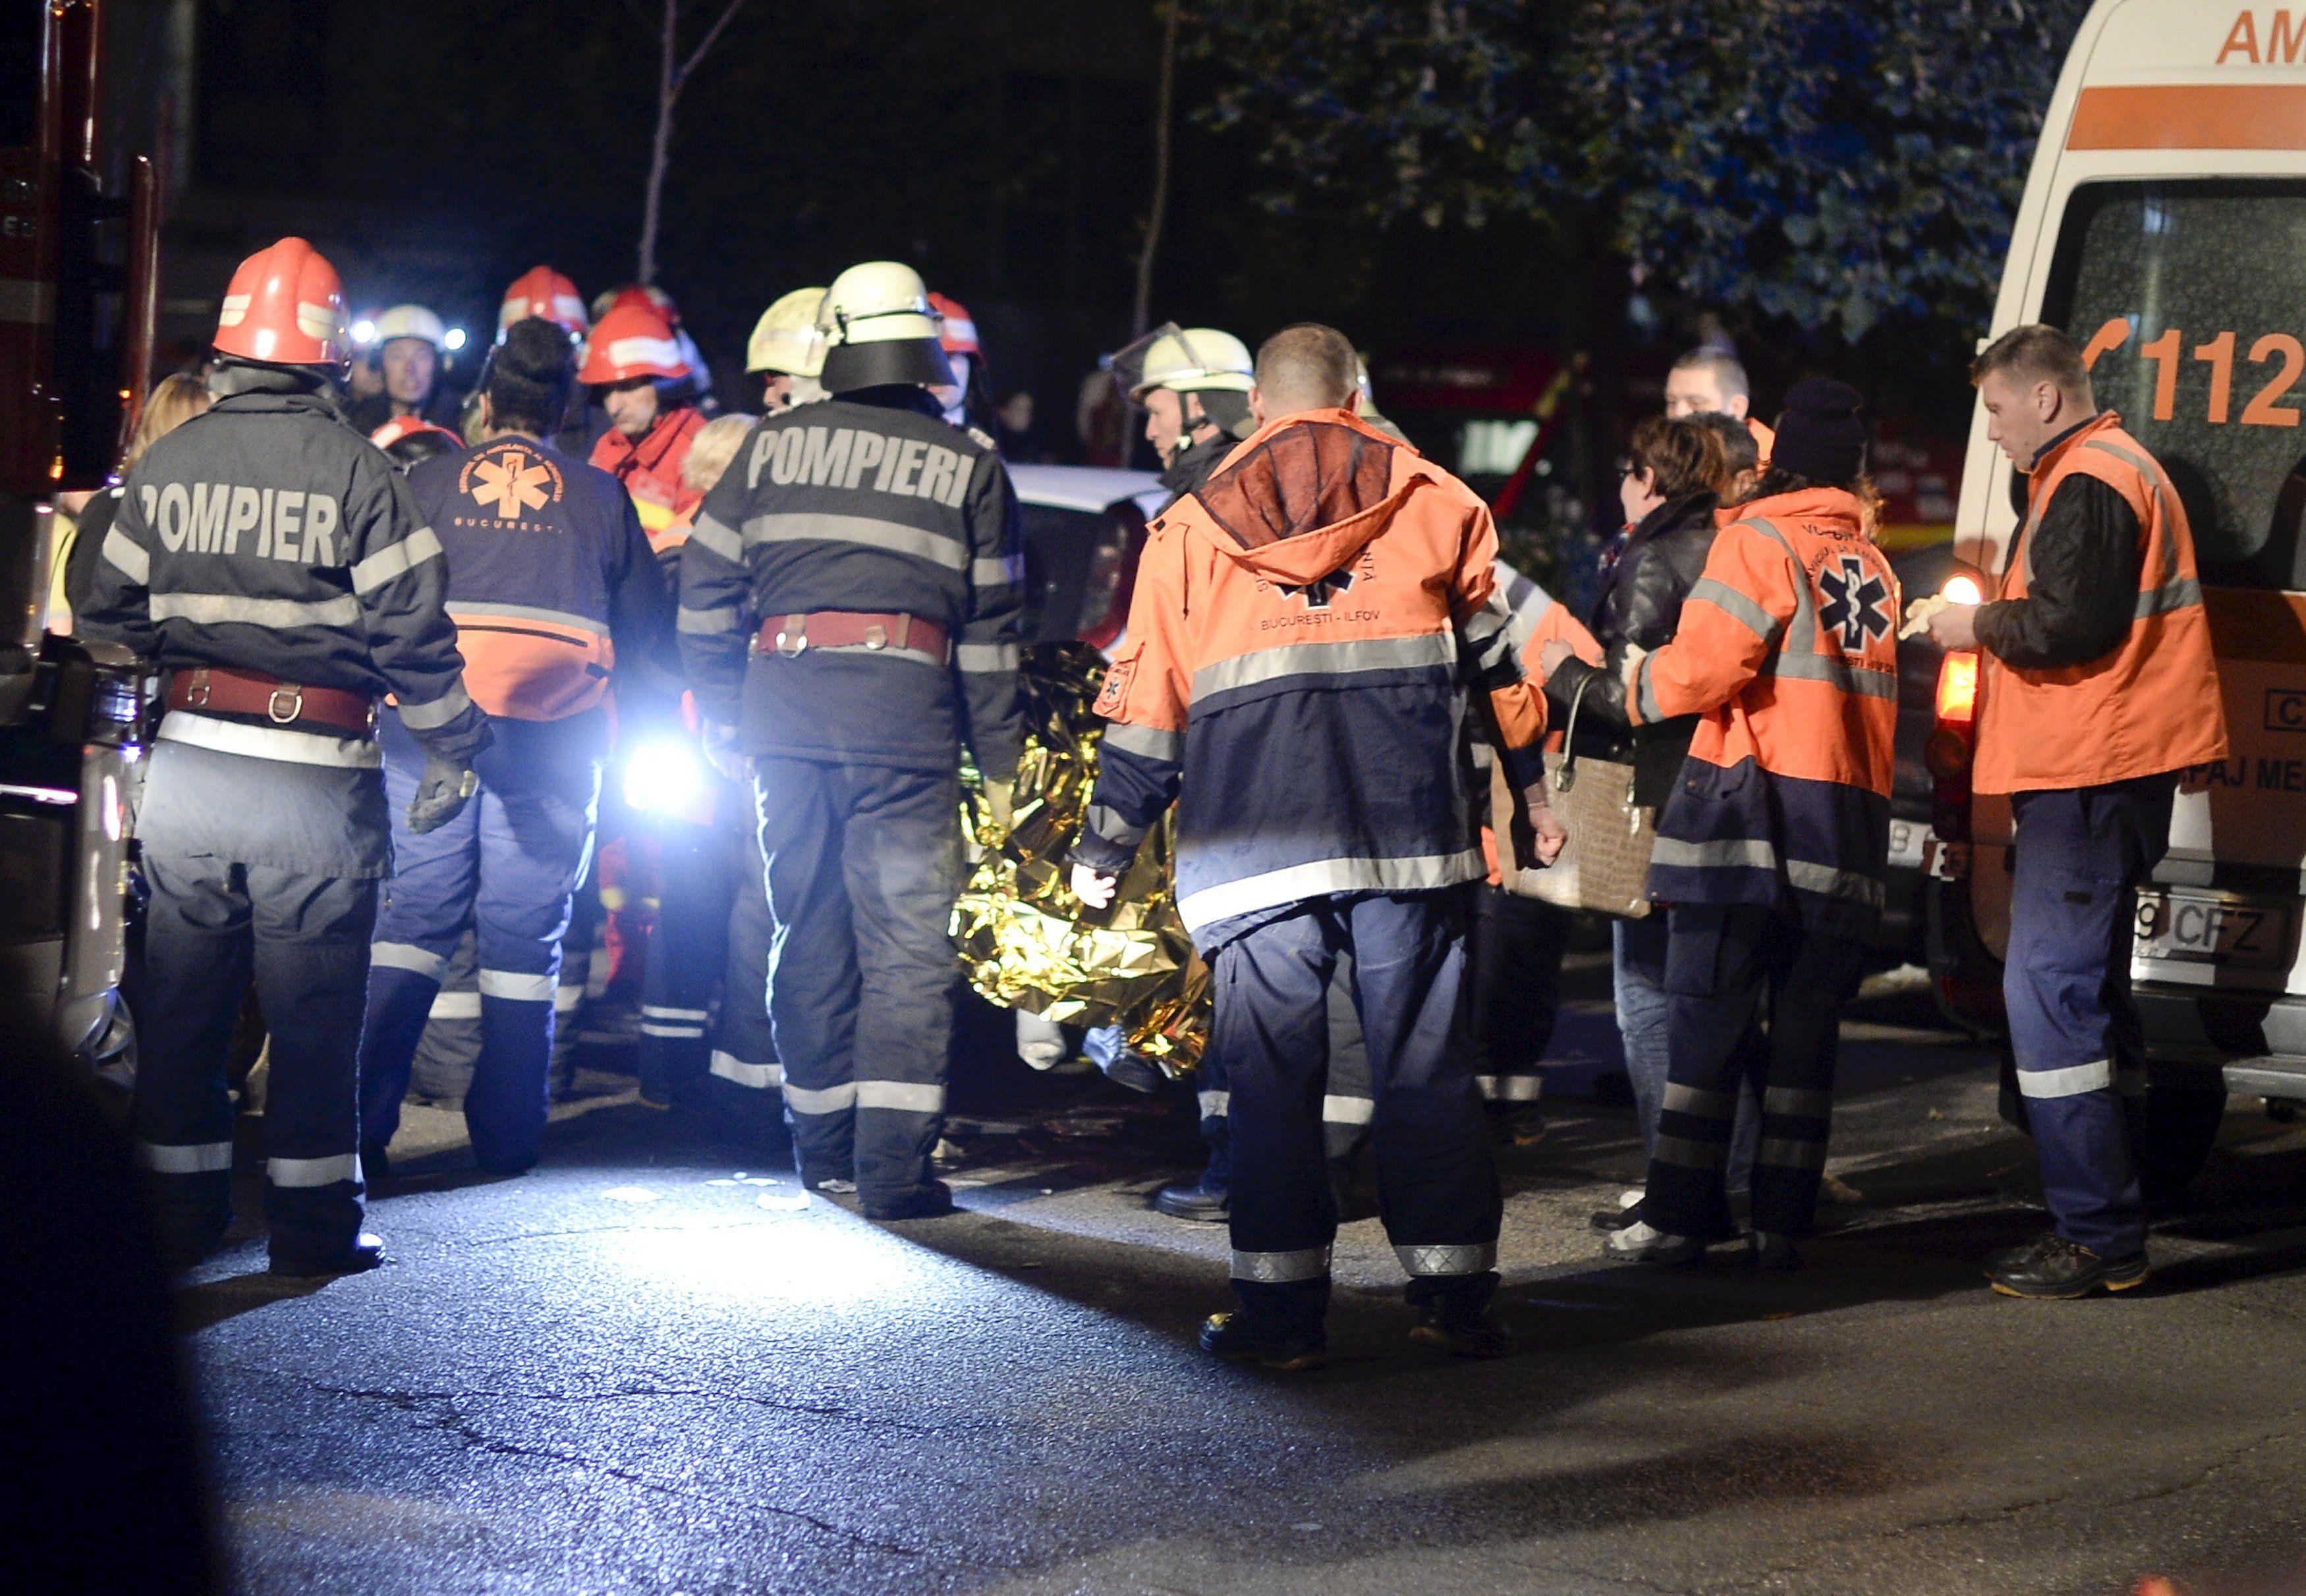 Последствия пожара в ночном клубе Бухареста, иллюстрация